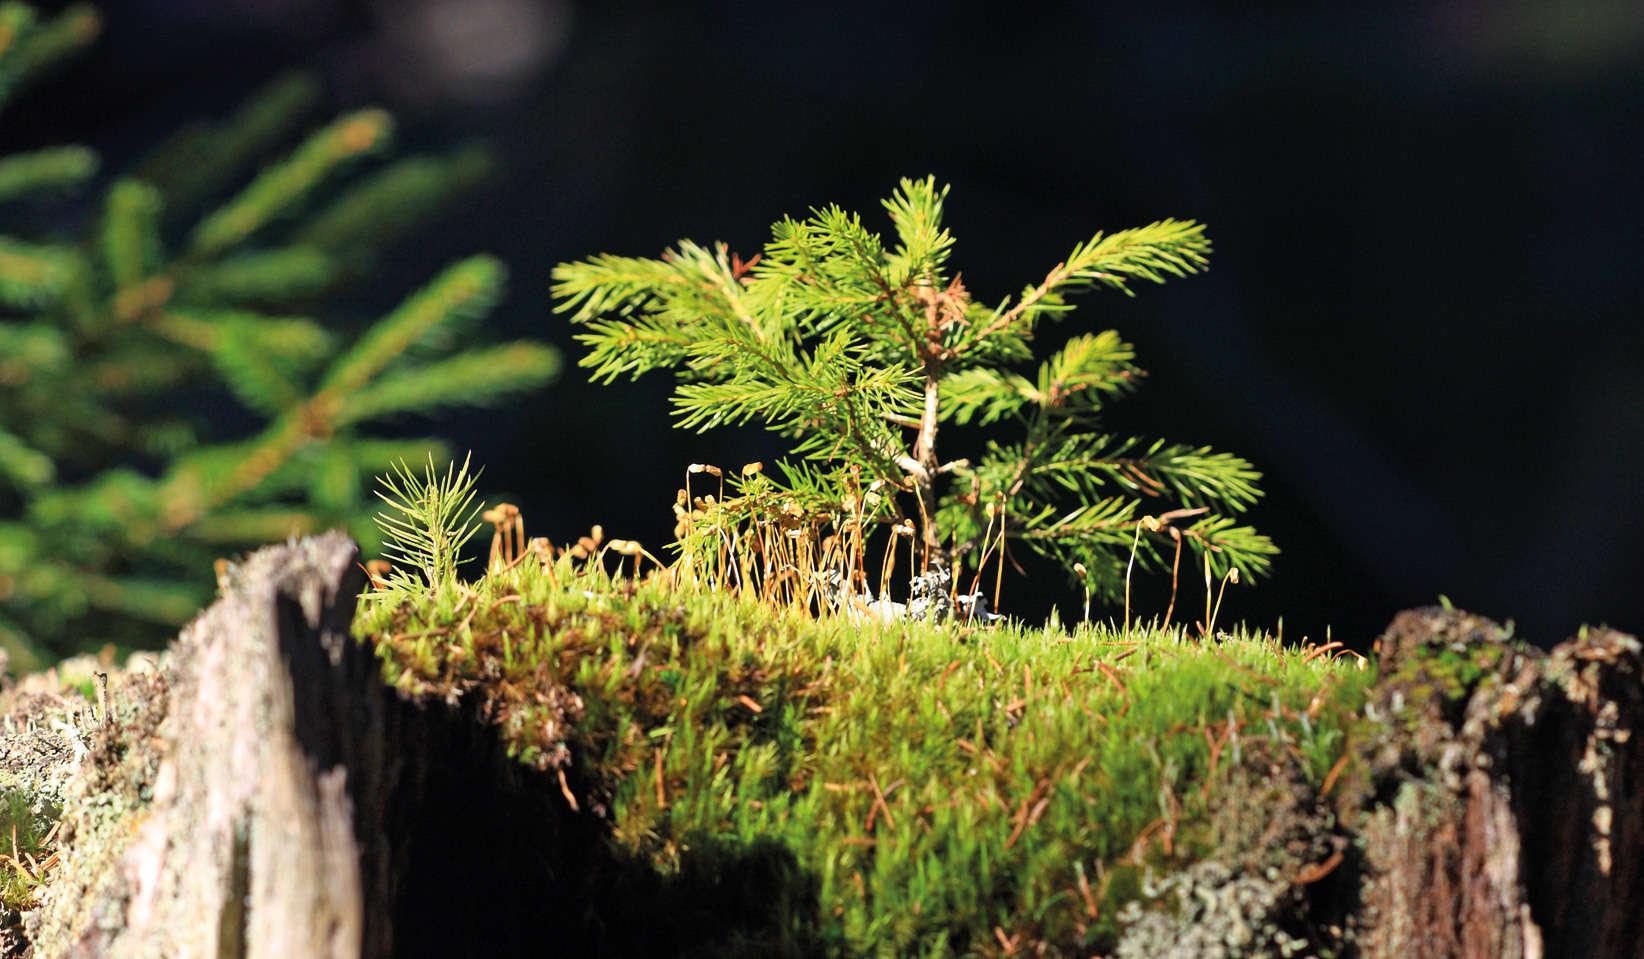 Arberland Bayerischer Wald De Erfahrungen Und Bewertungen